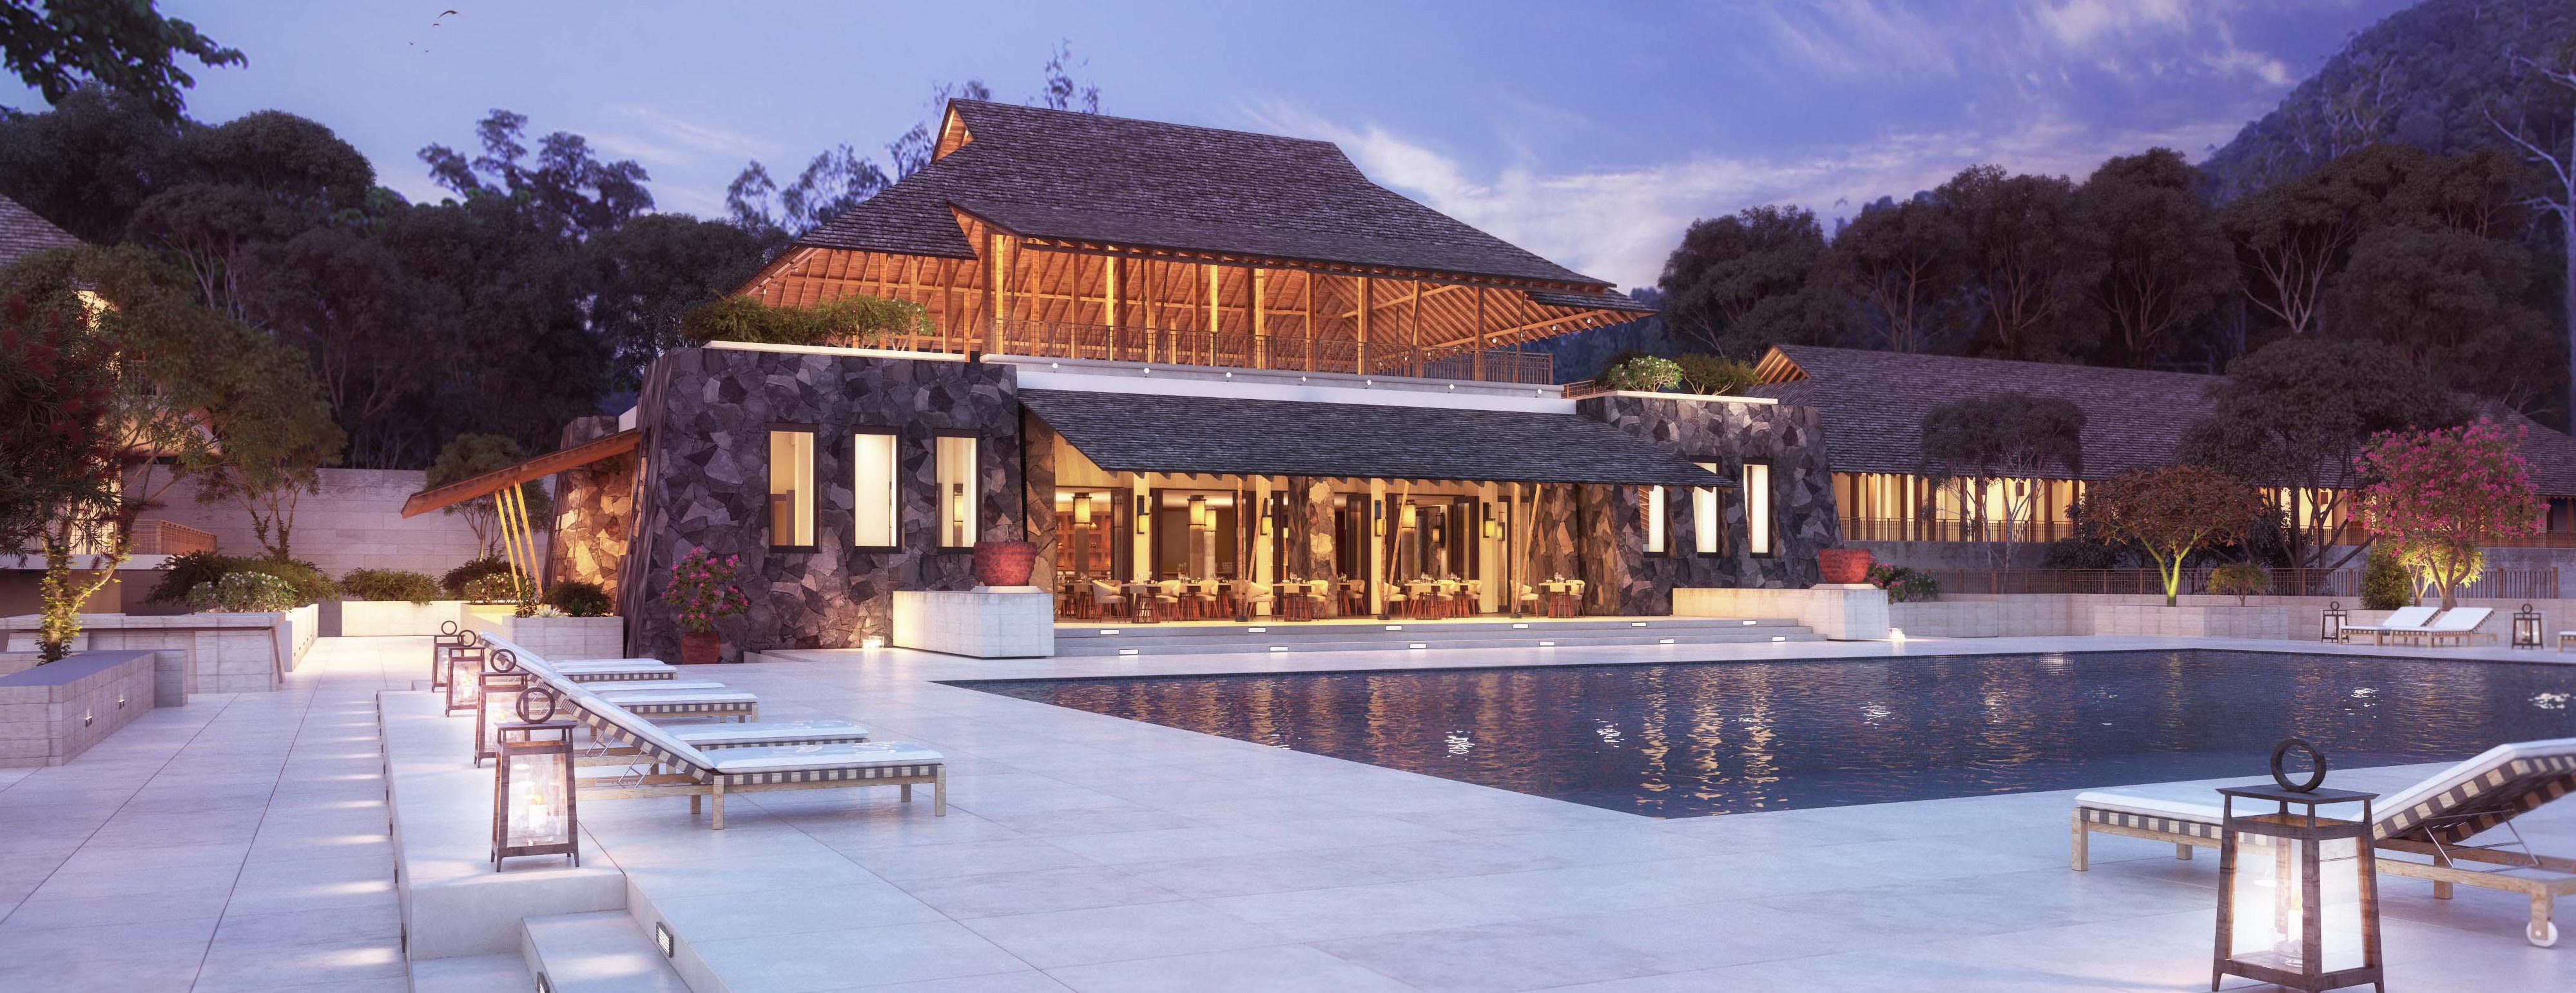 the-datai-langkawi-luxury-resort